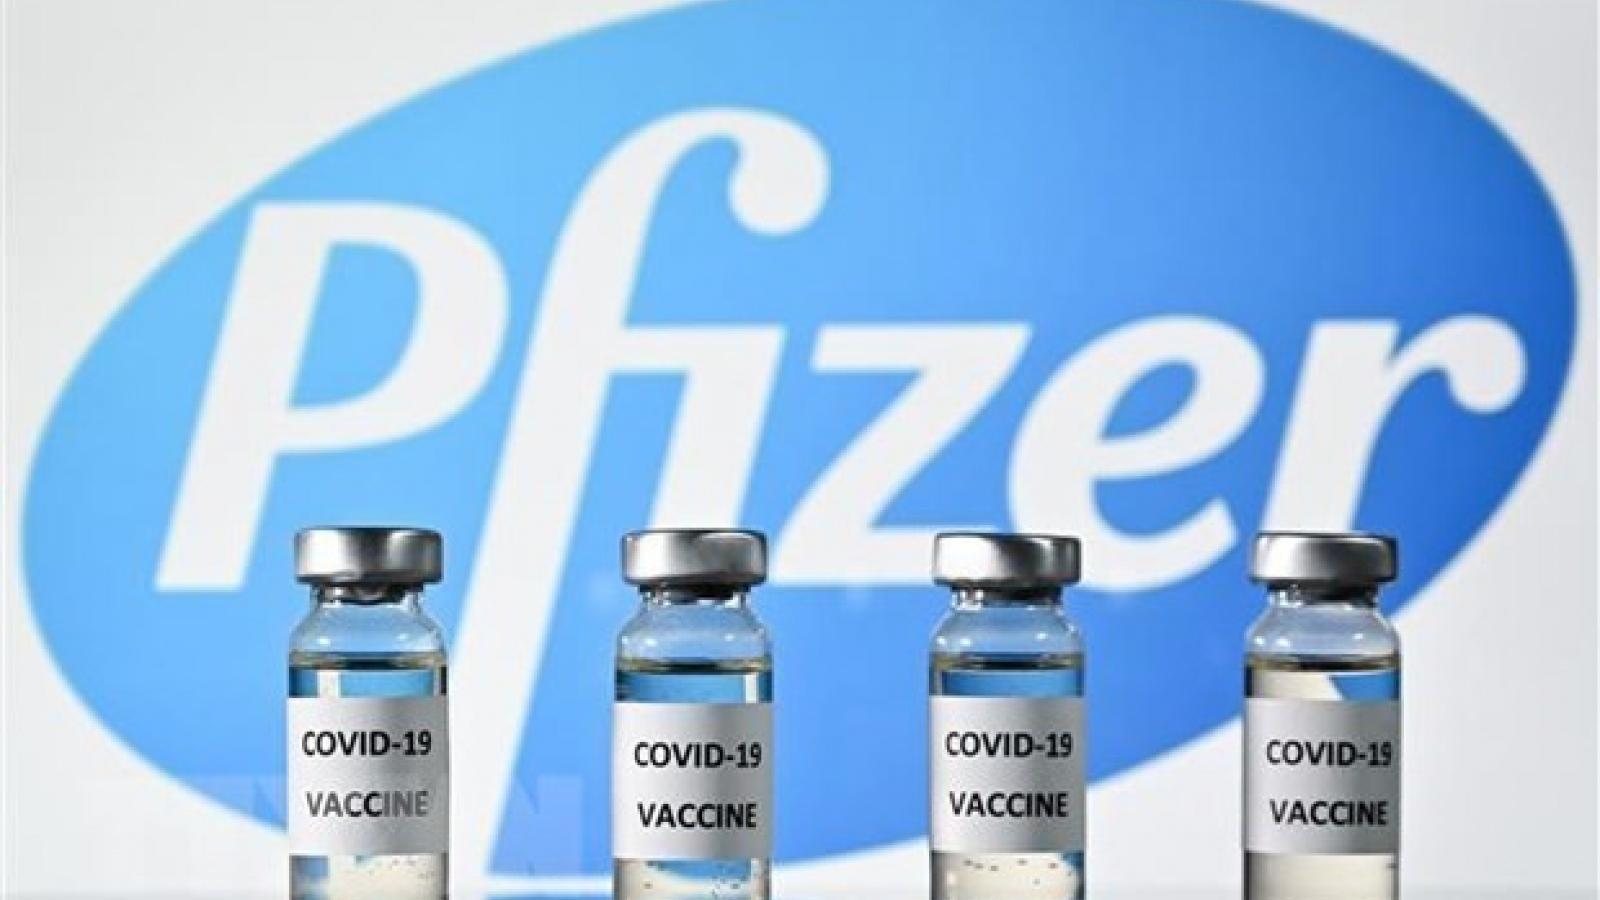 Pfizer chuẩn bị thử nghiệm vaccine Covid-19 đối với trẻ em dưới 12 tuổi